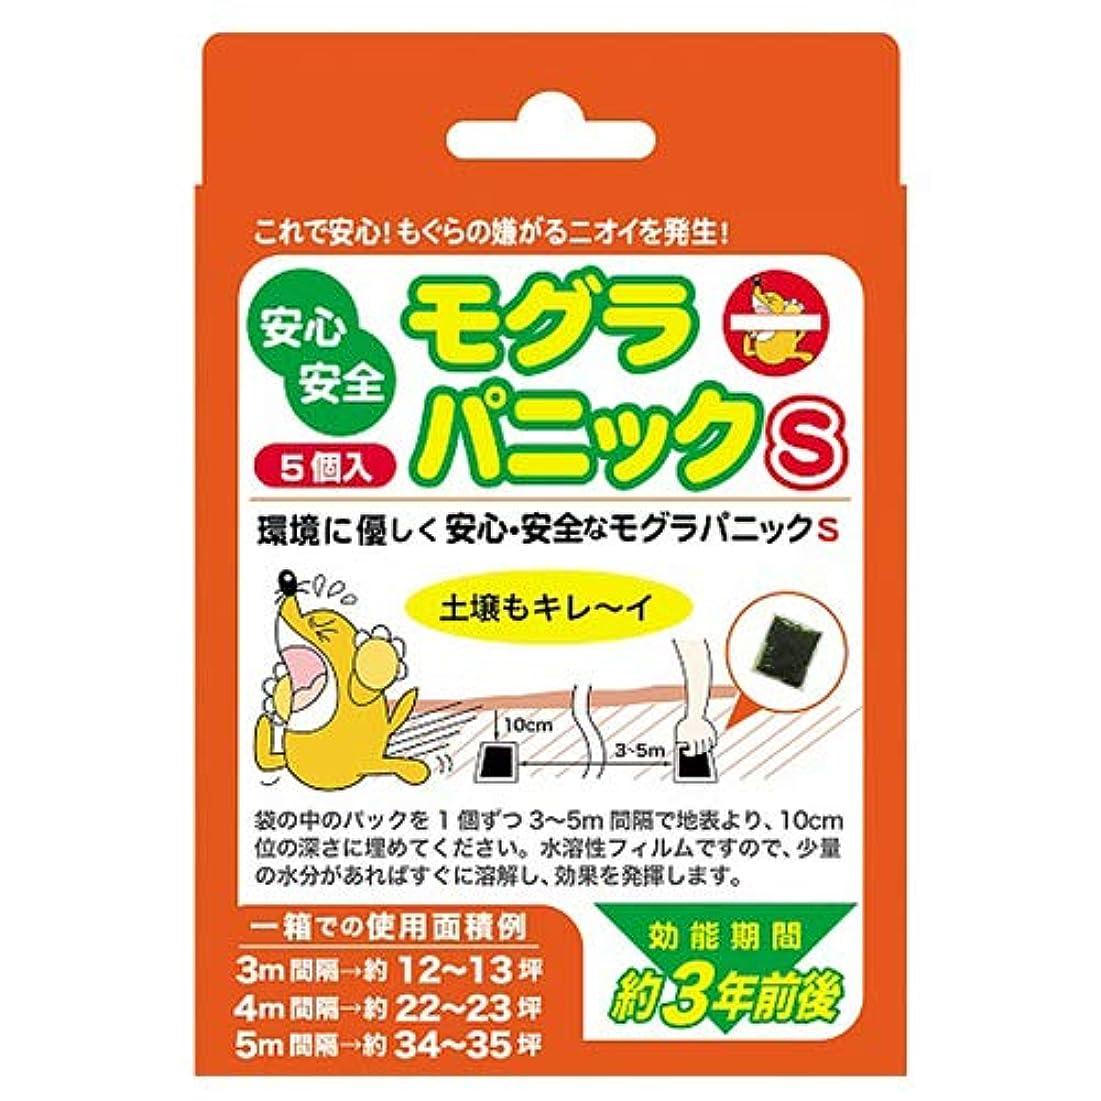 モグラパニックS 【4箱組】